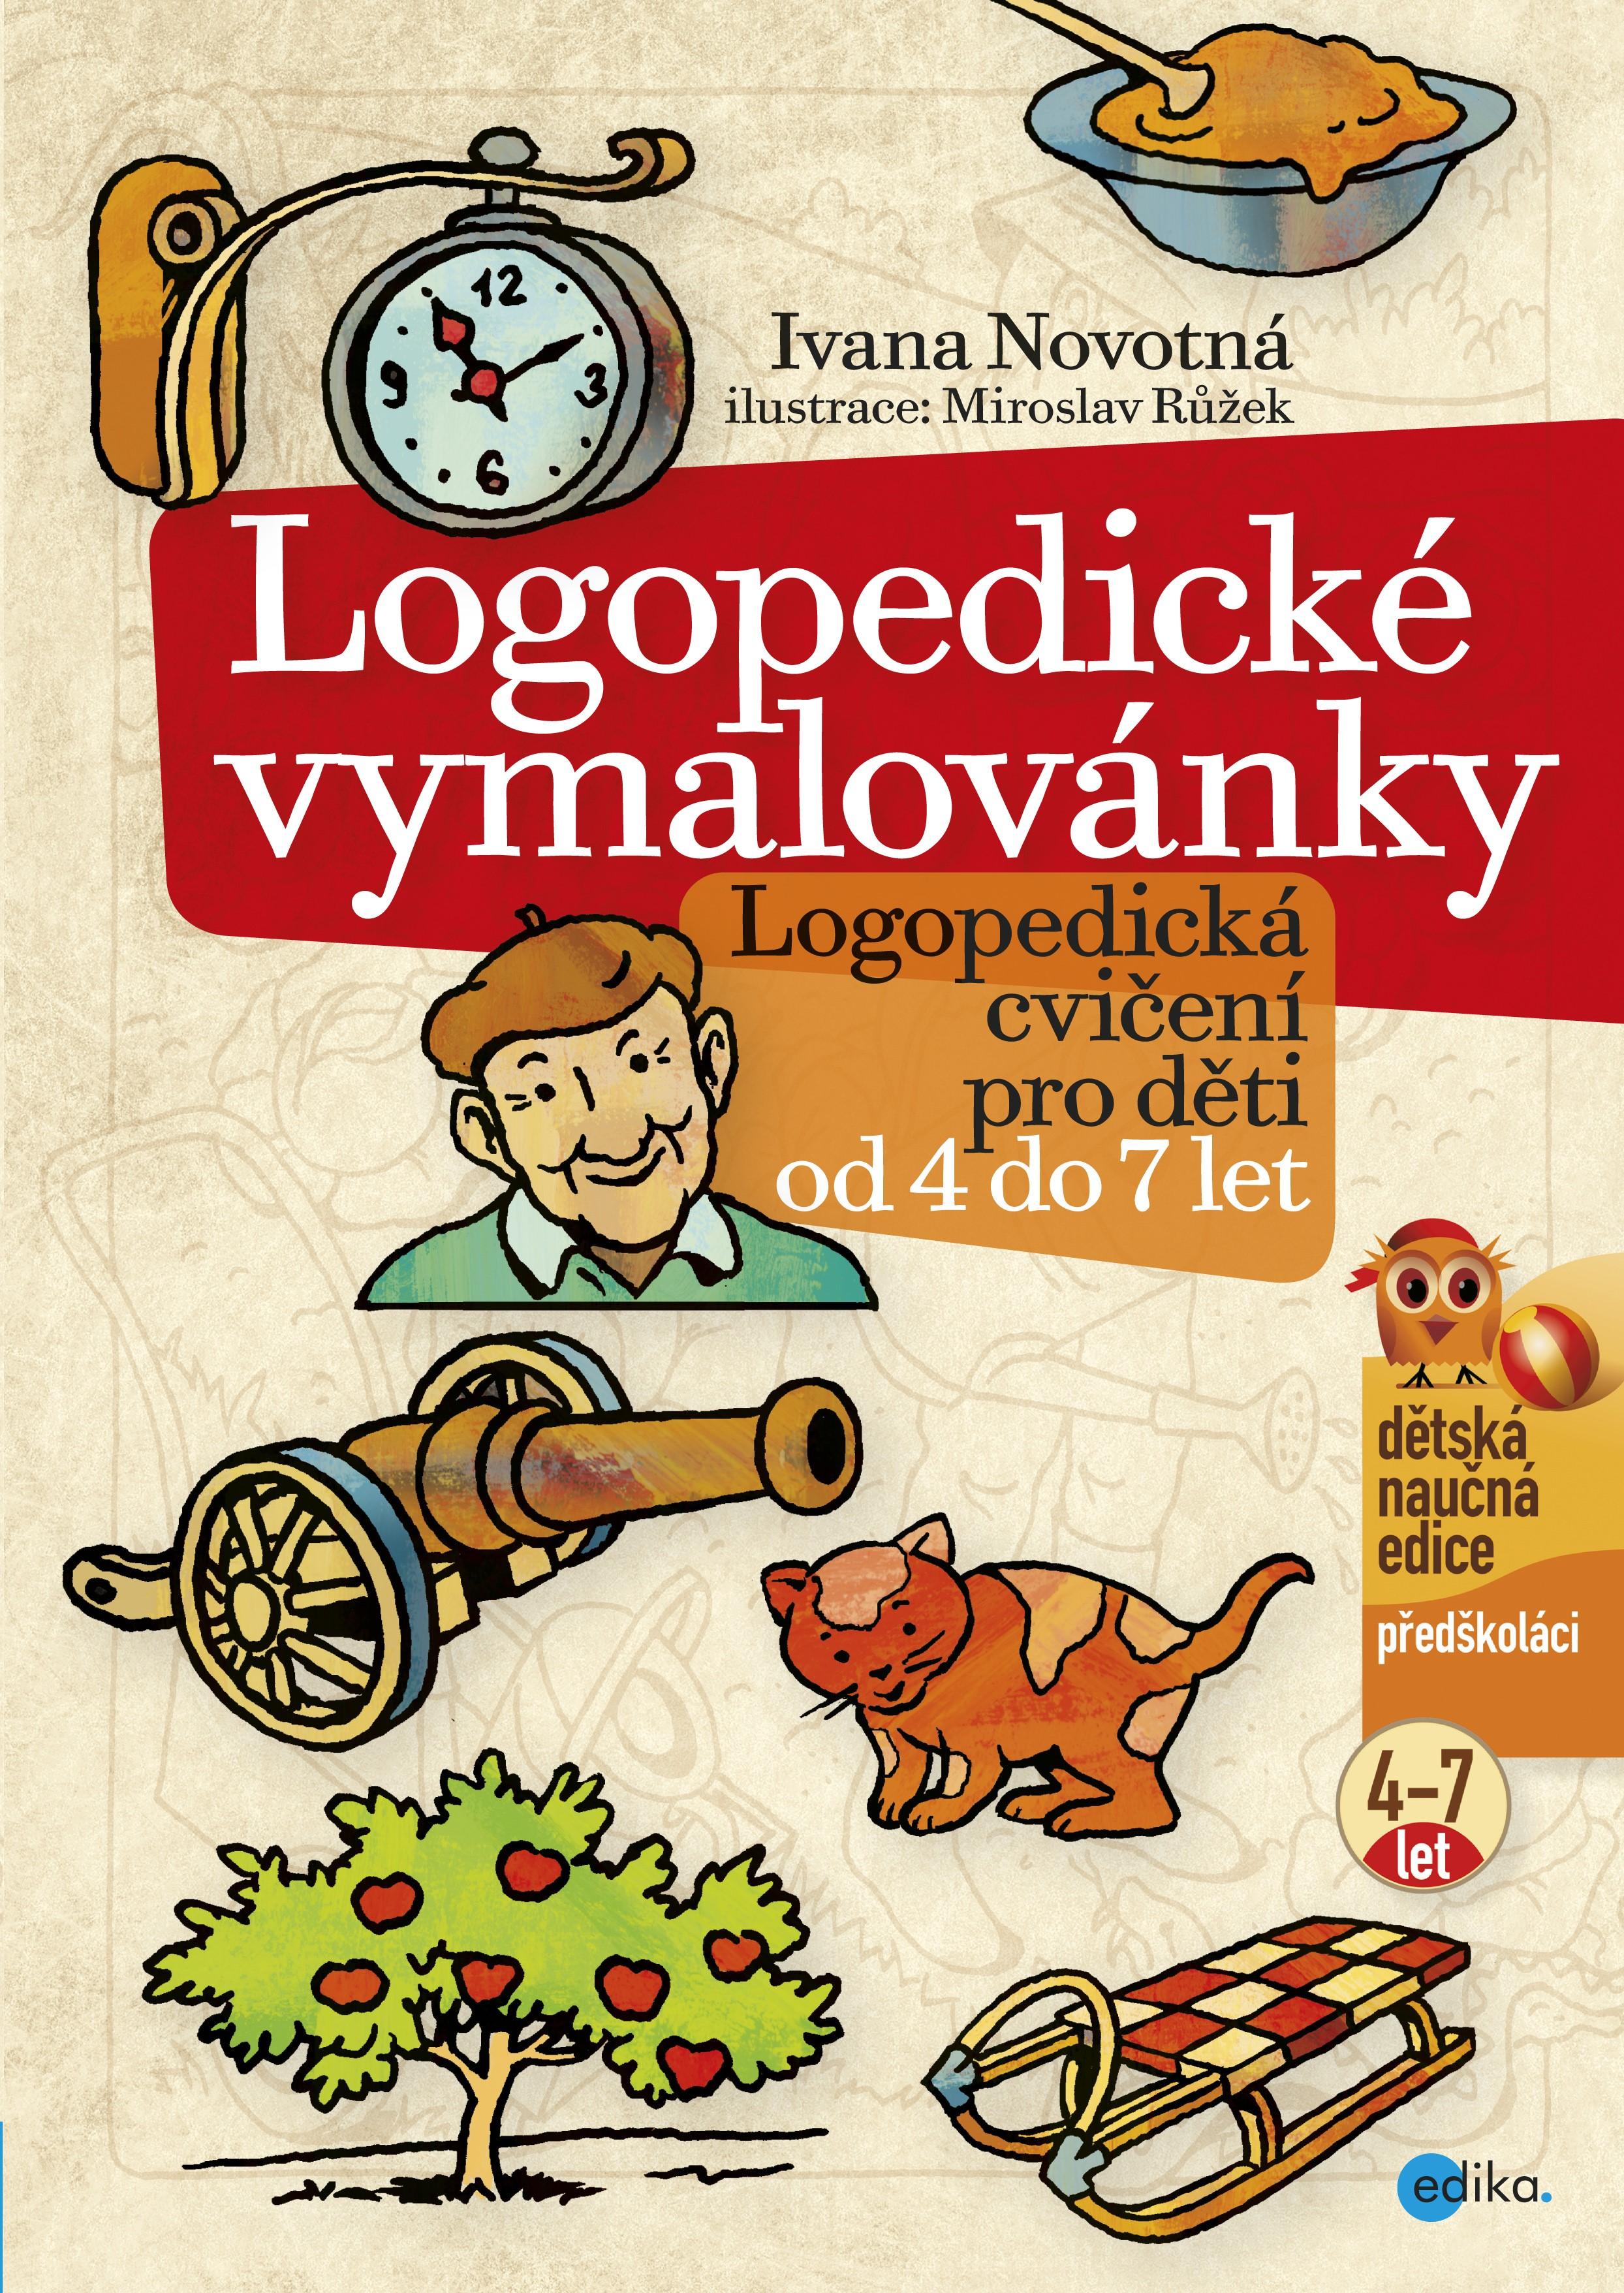 Logopedické vymalovánky   Ivana Novotná